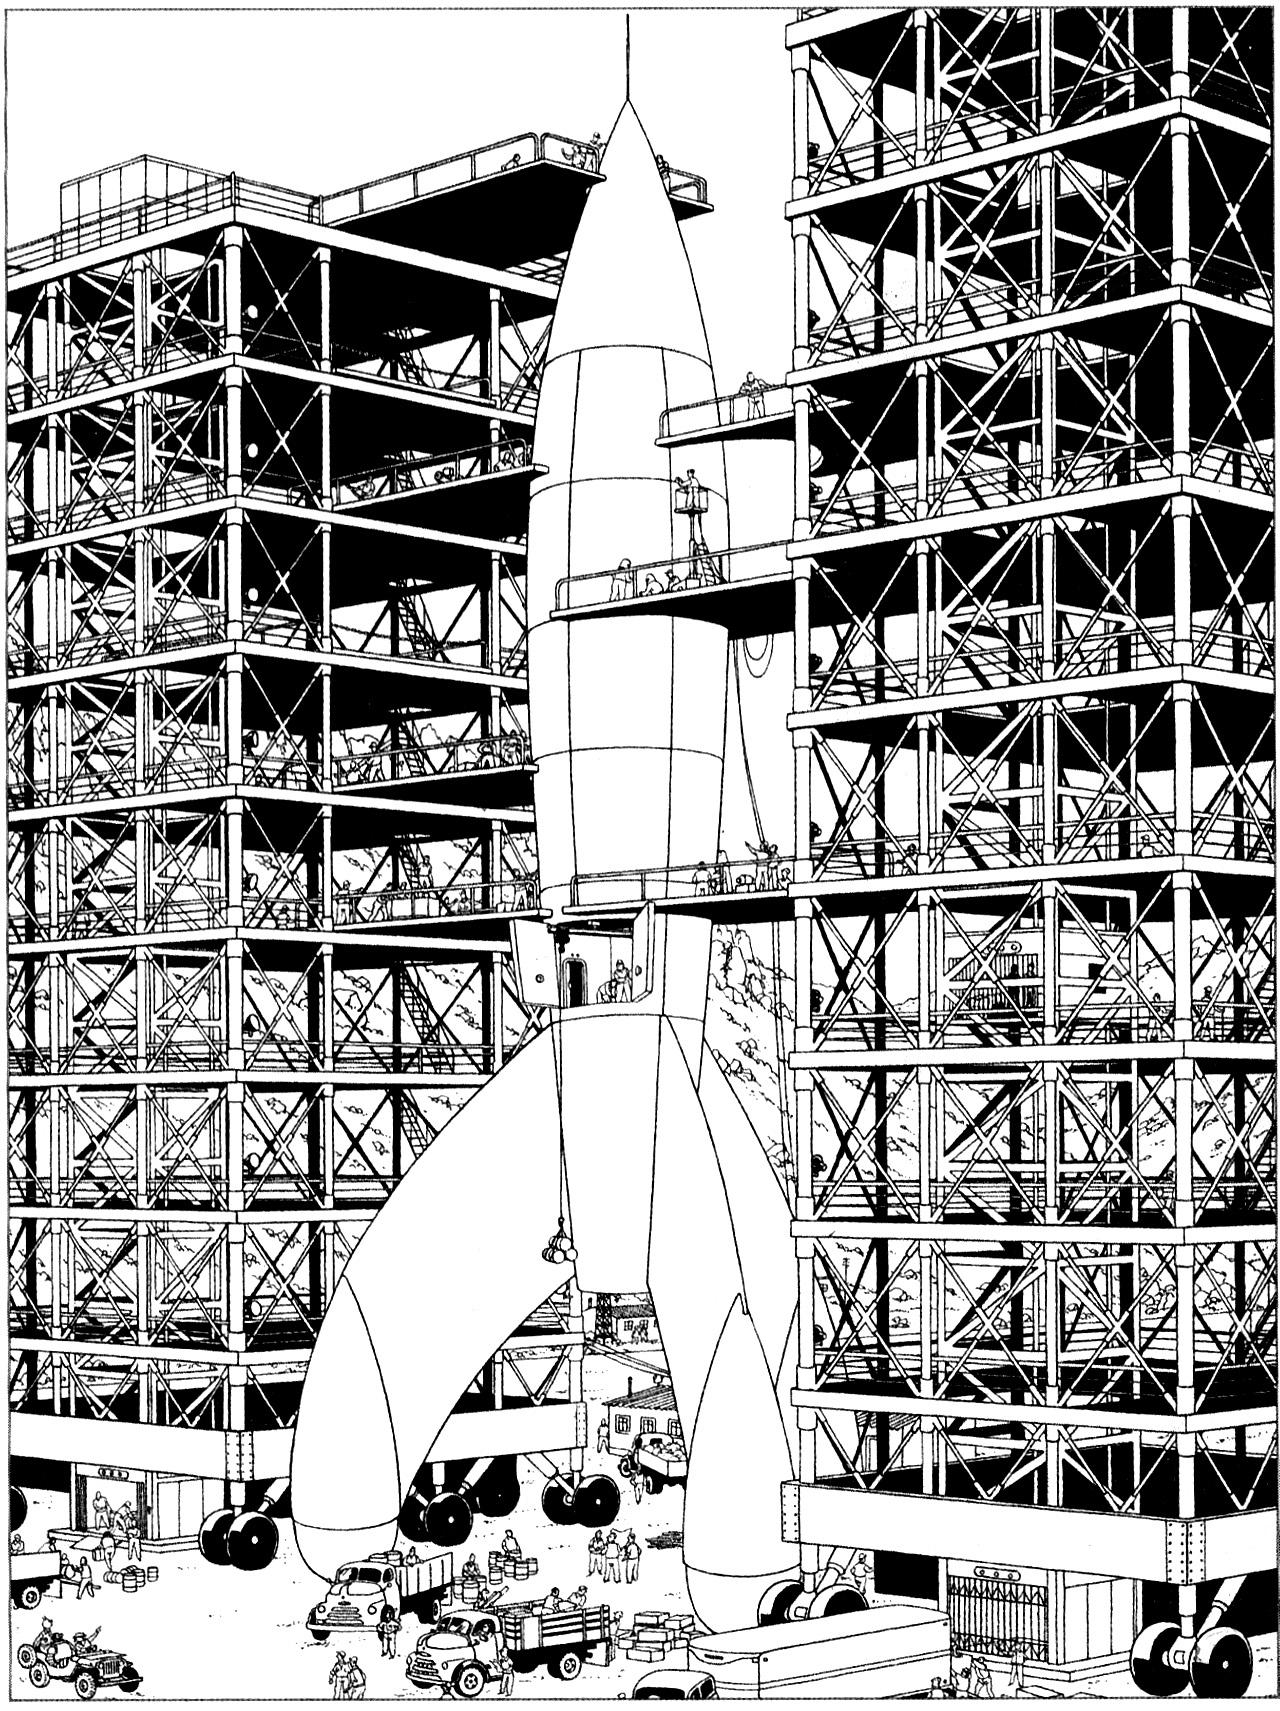 La fusée de Tintin Objectif Lune d'Hergé (1953)